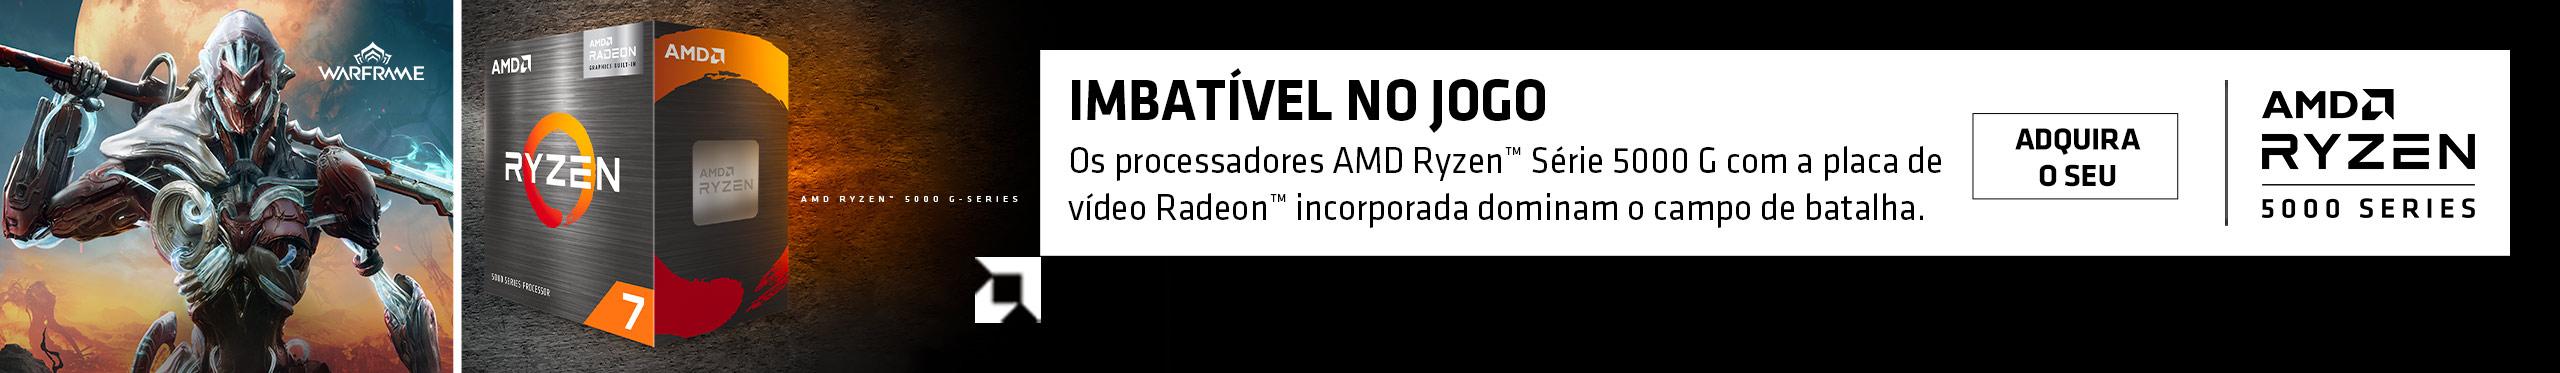 Os novos processadores AMD Ryzen Série 5000G dominam o campo de batalha. Garanta já o seu!